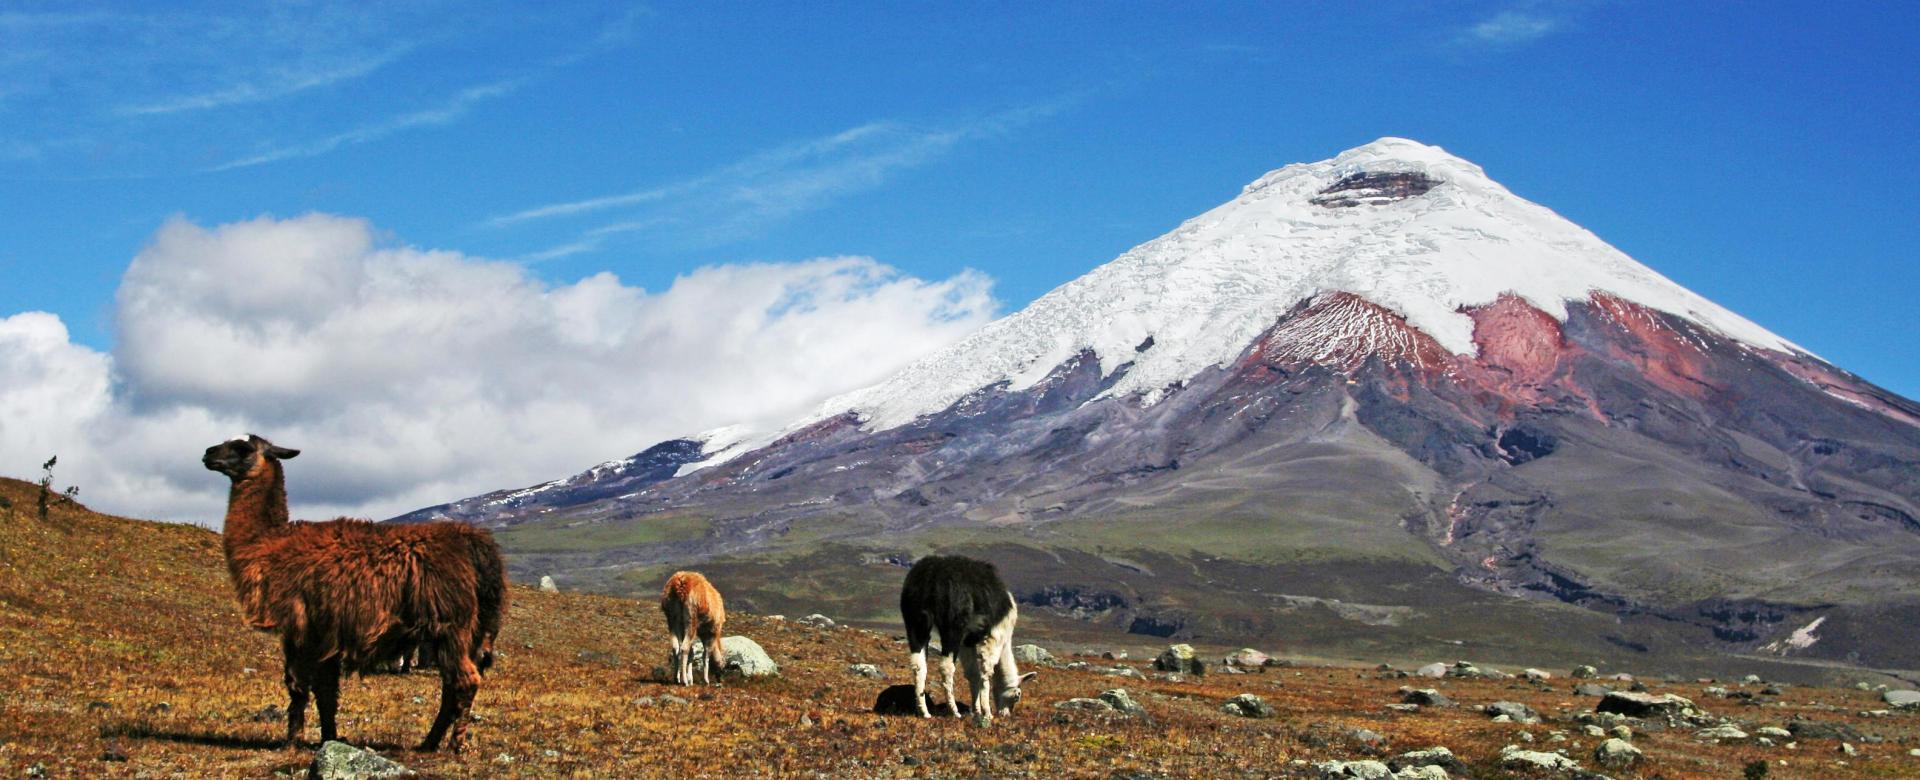 Voyage à pied Équateur : Au pied des géants